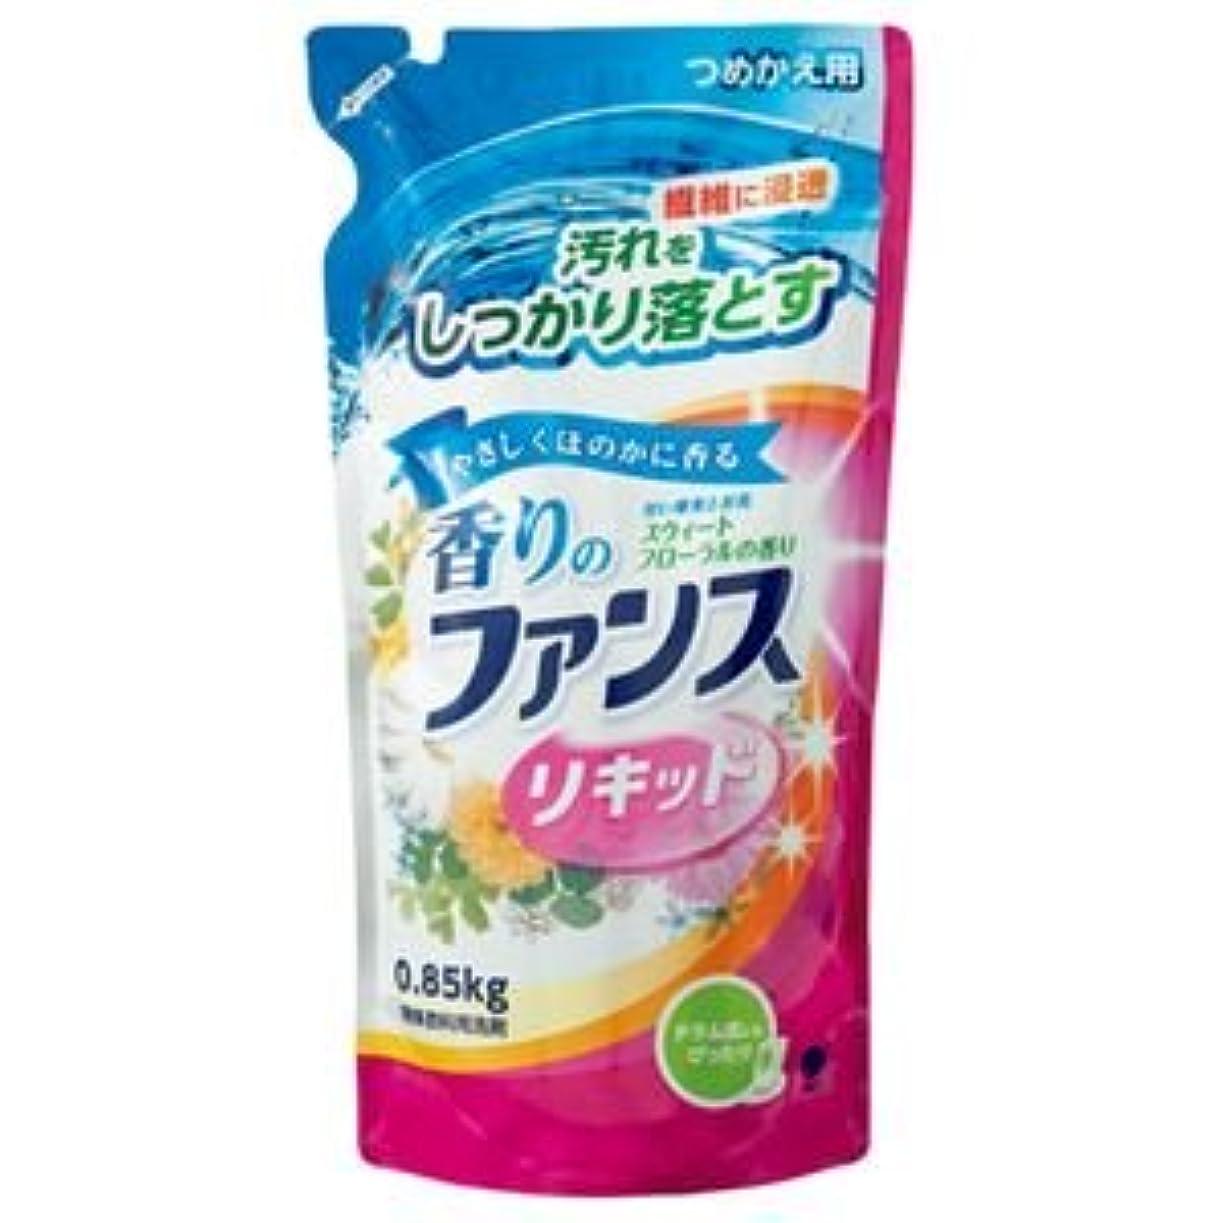 常識怒って言及する(まとめ) 第一石鹸 香りのファンス 液体衣料用洗剤リキッド 詰替用 0.85kg 1個 【×15セット】